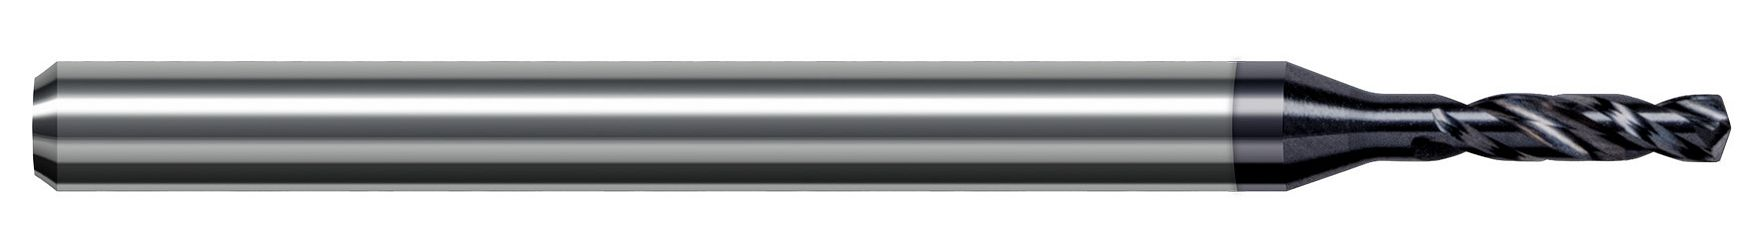 tool-details-CSG1100-C6